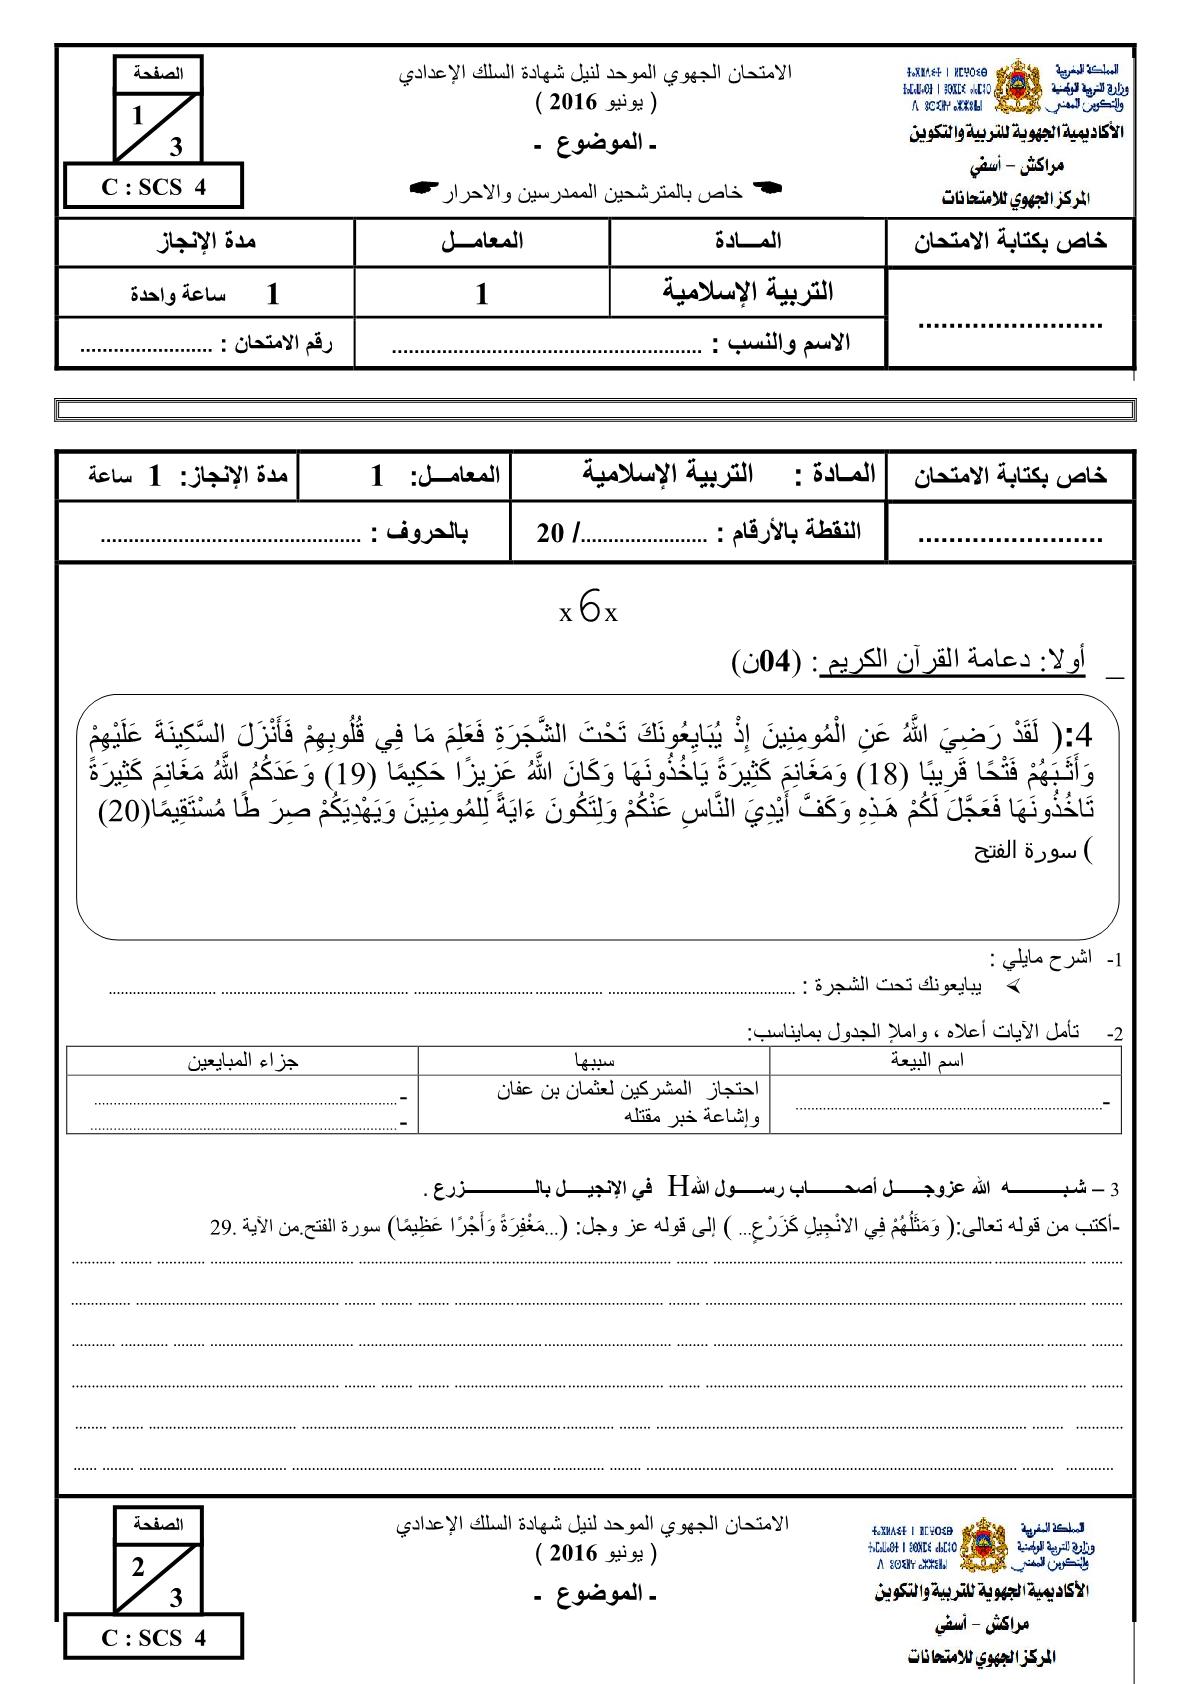 الامتحان الجهوي في التربية الإسلامية جهة مراكش آسفي 2016 مع التصحيح